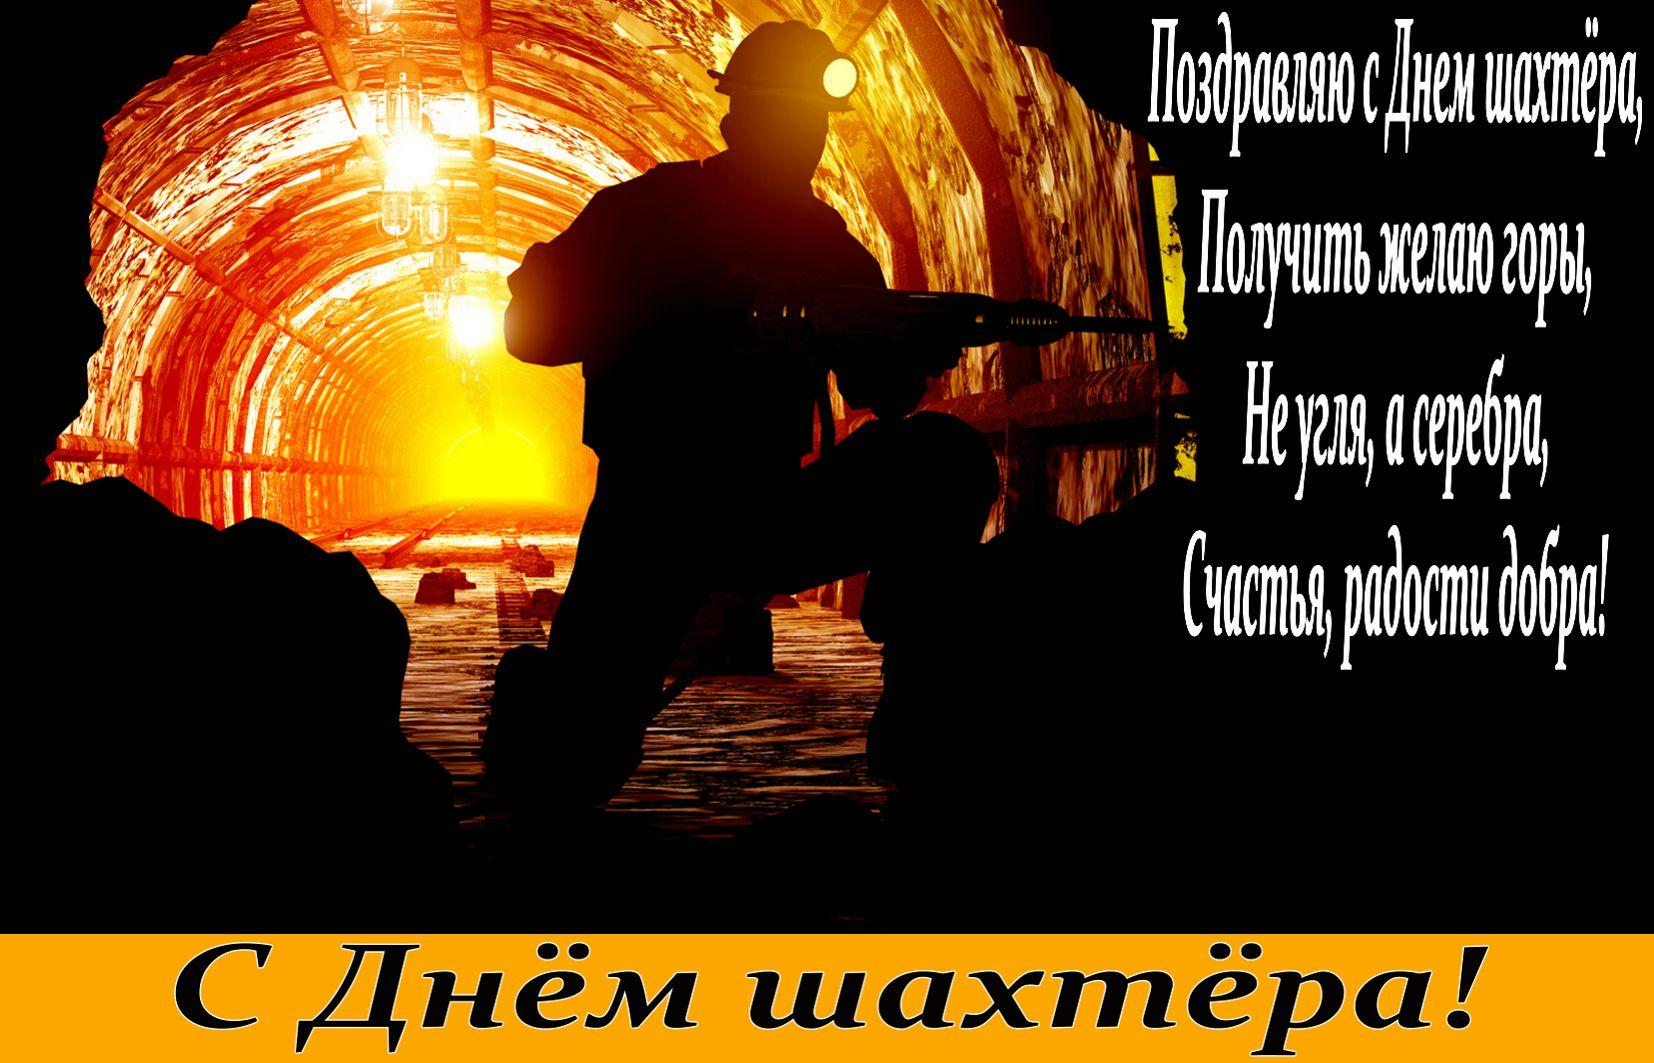 думаю, поздравления в стихах шахтерам прикольные форму